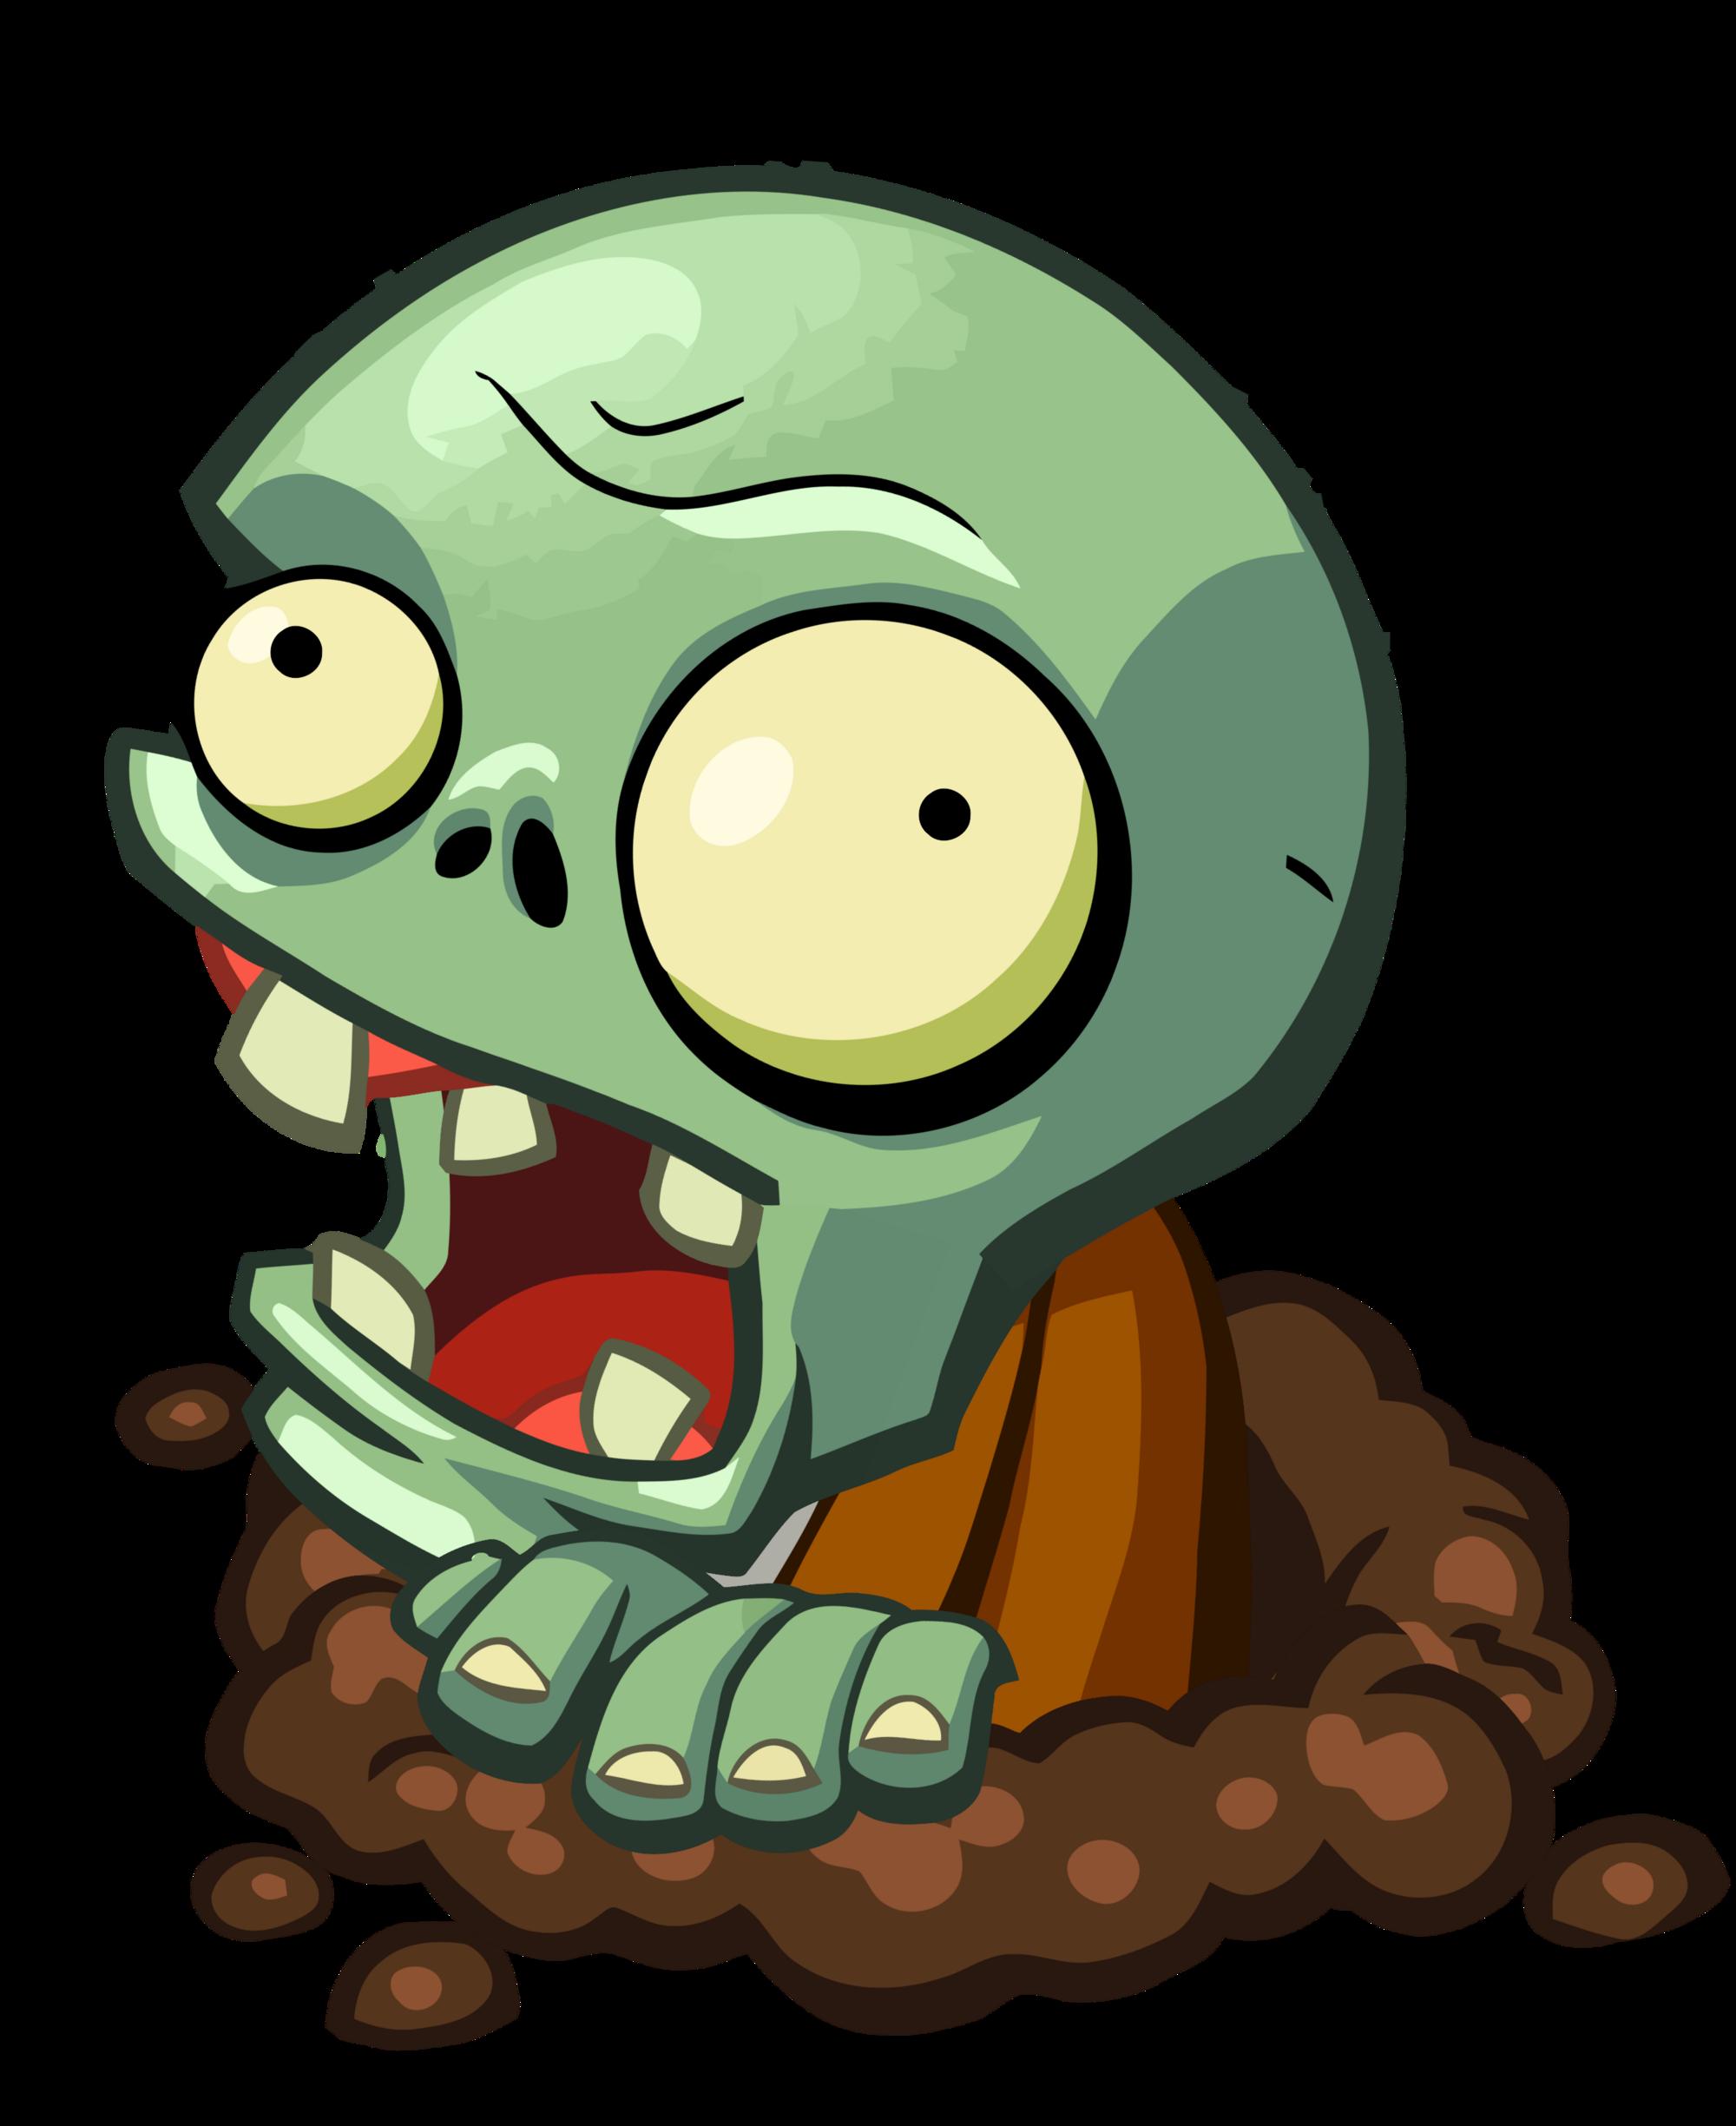 Приколы картинки растения против зомби, поздравление днем